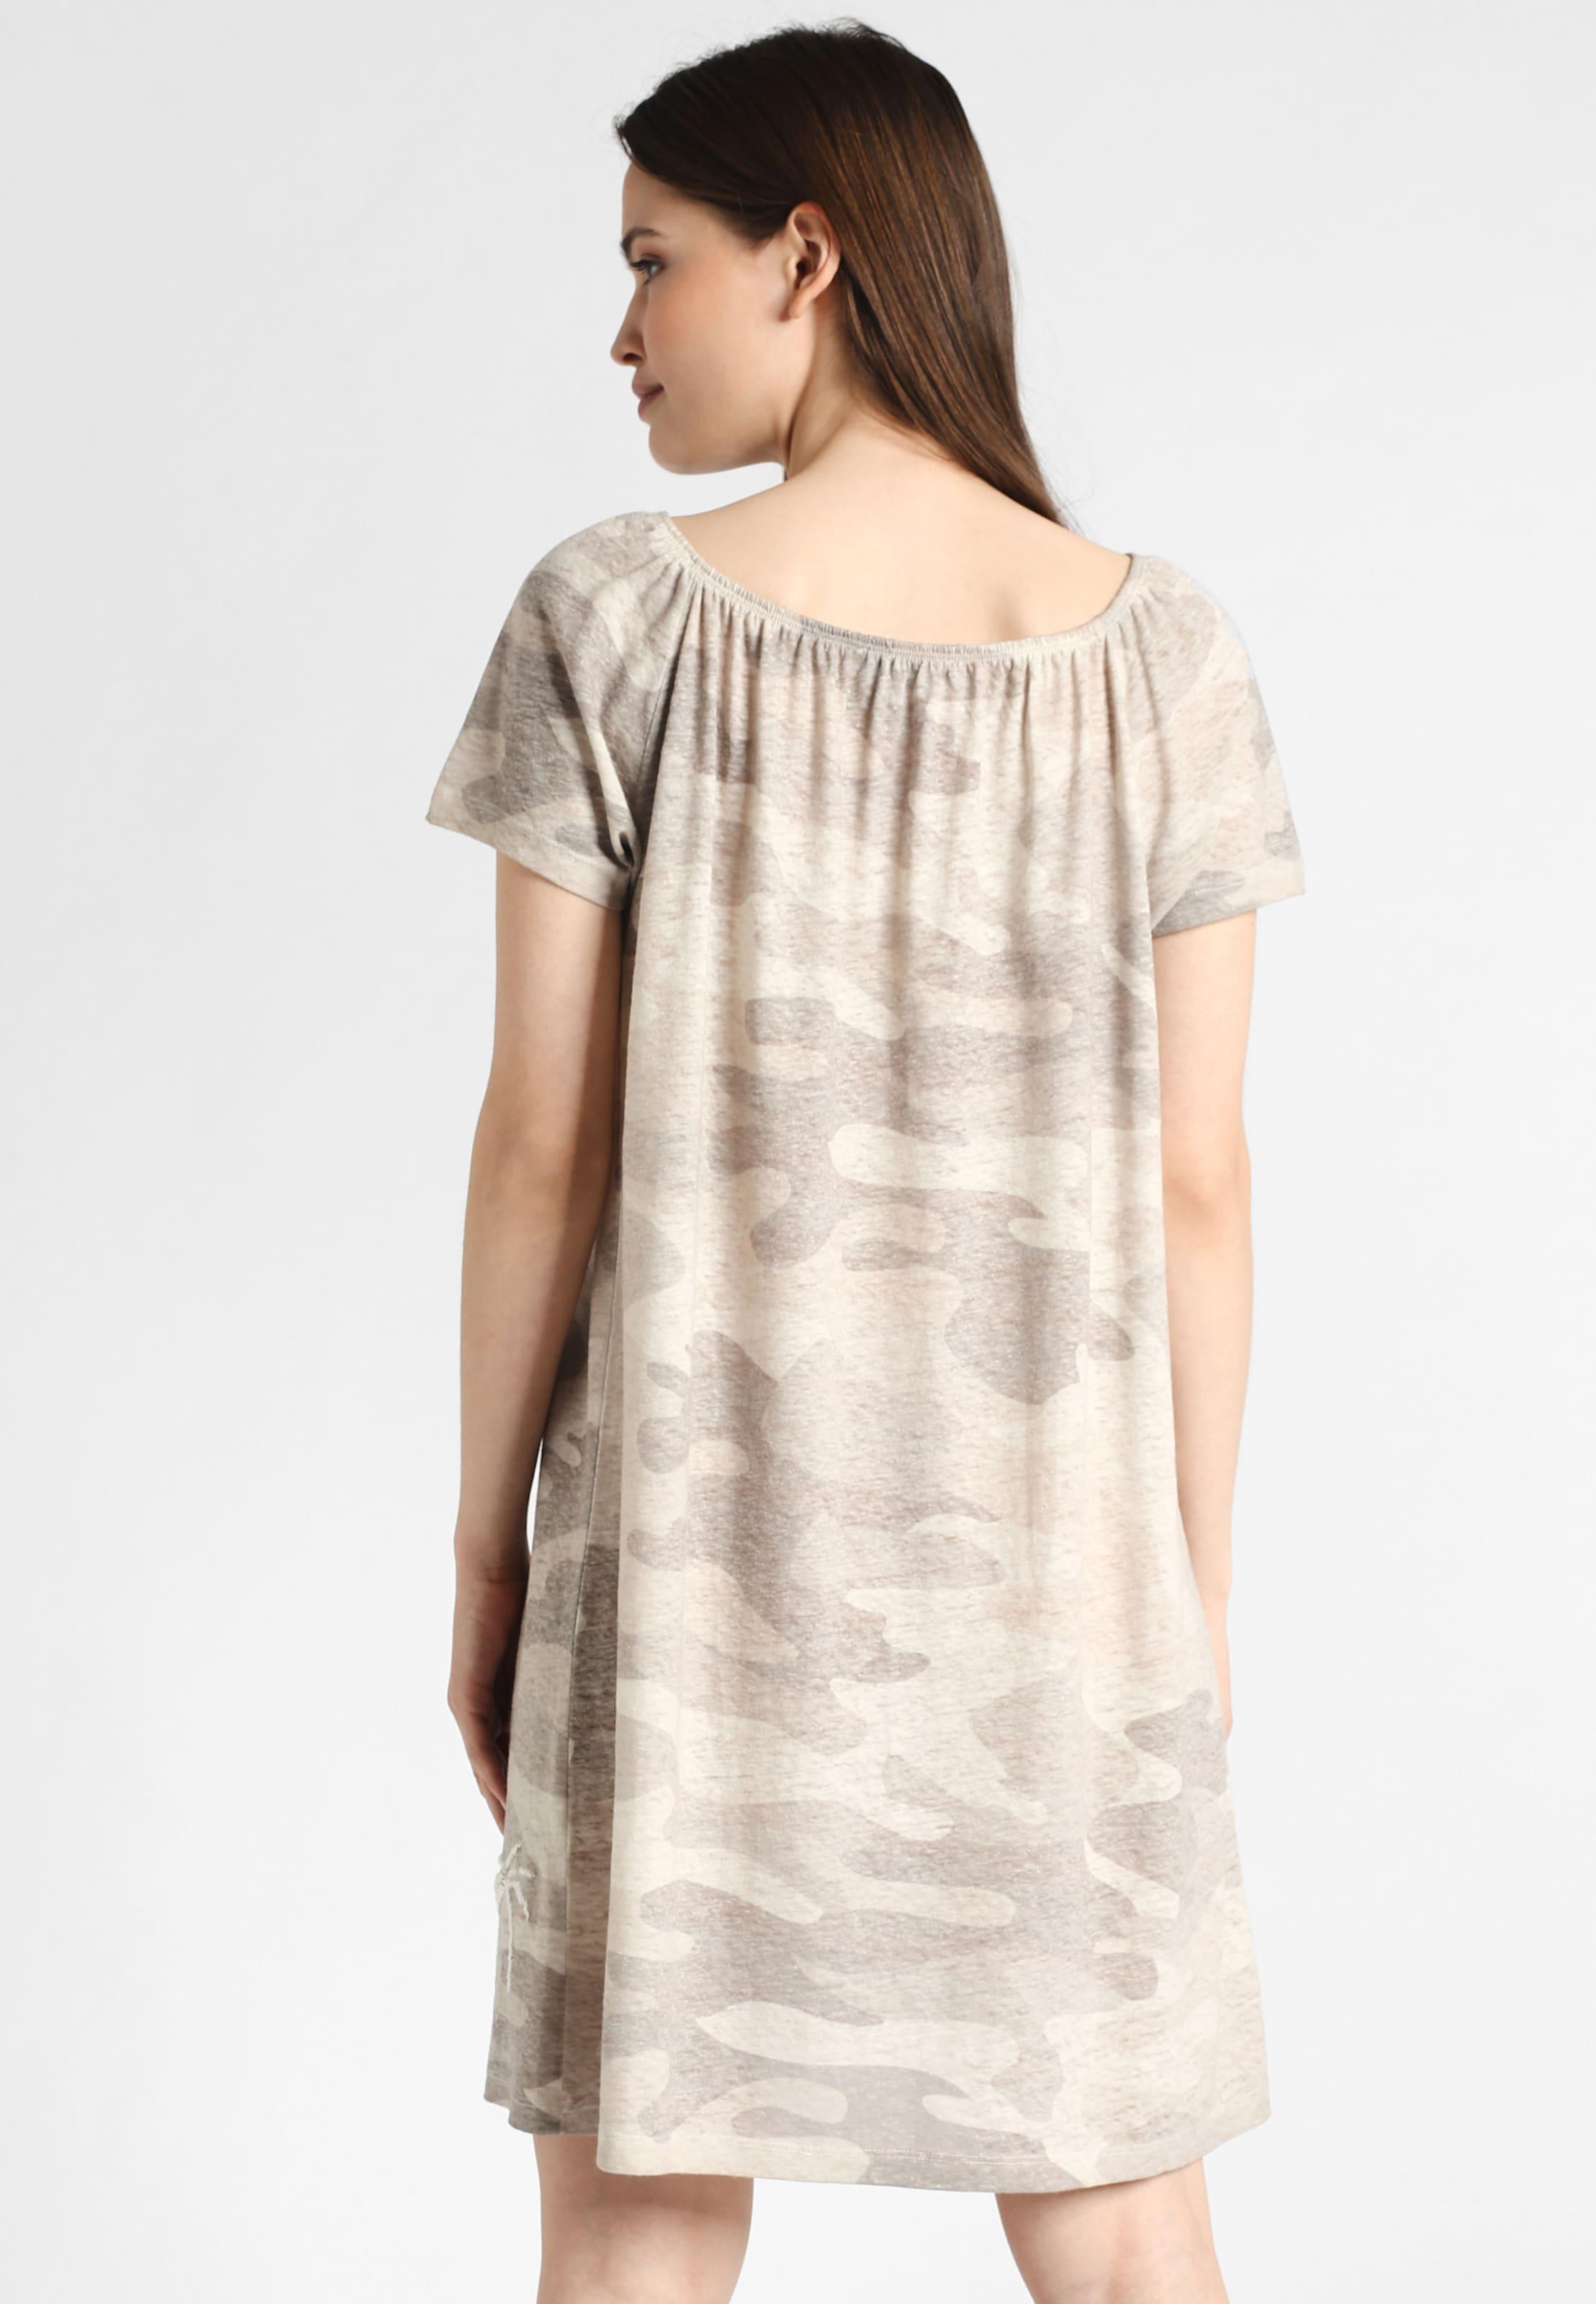 Grace Mit Kleid Jersey Muster In Beige lFJKc3uT1